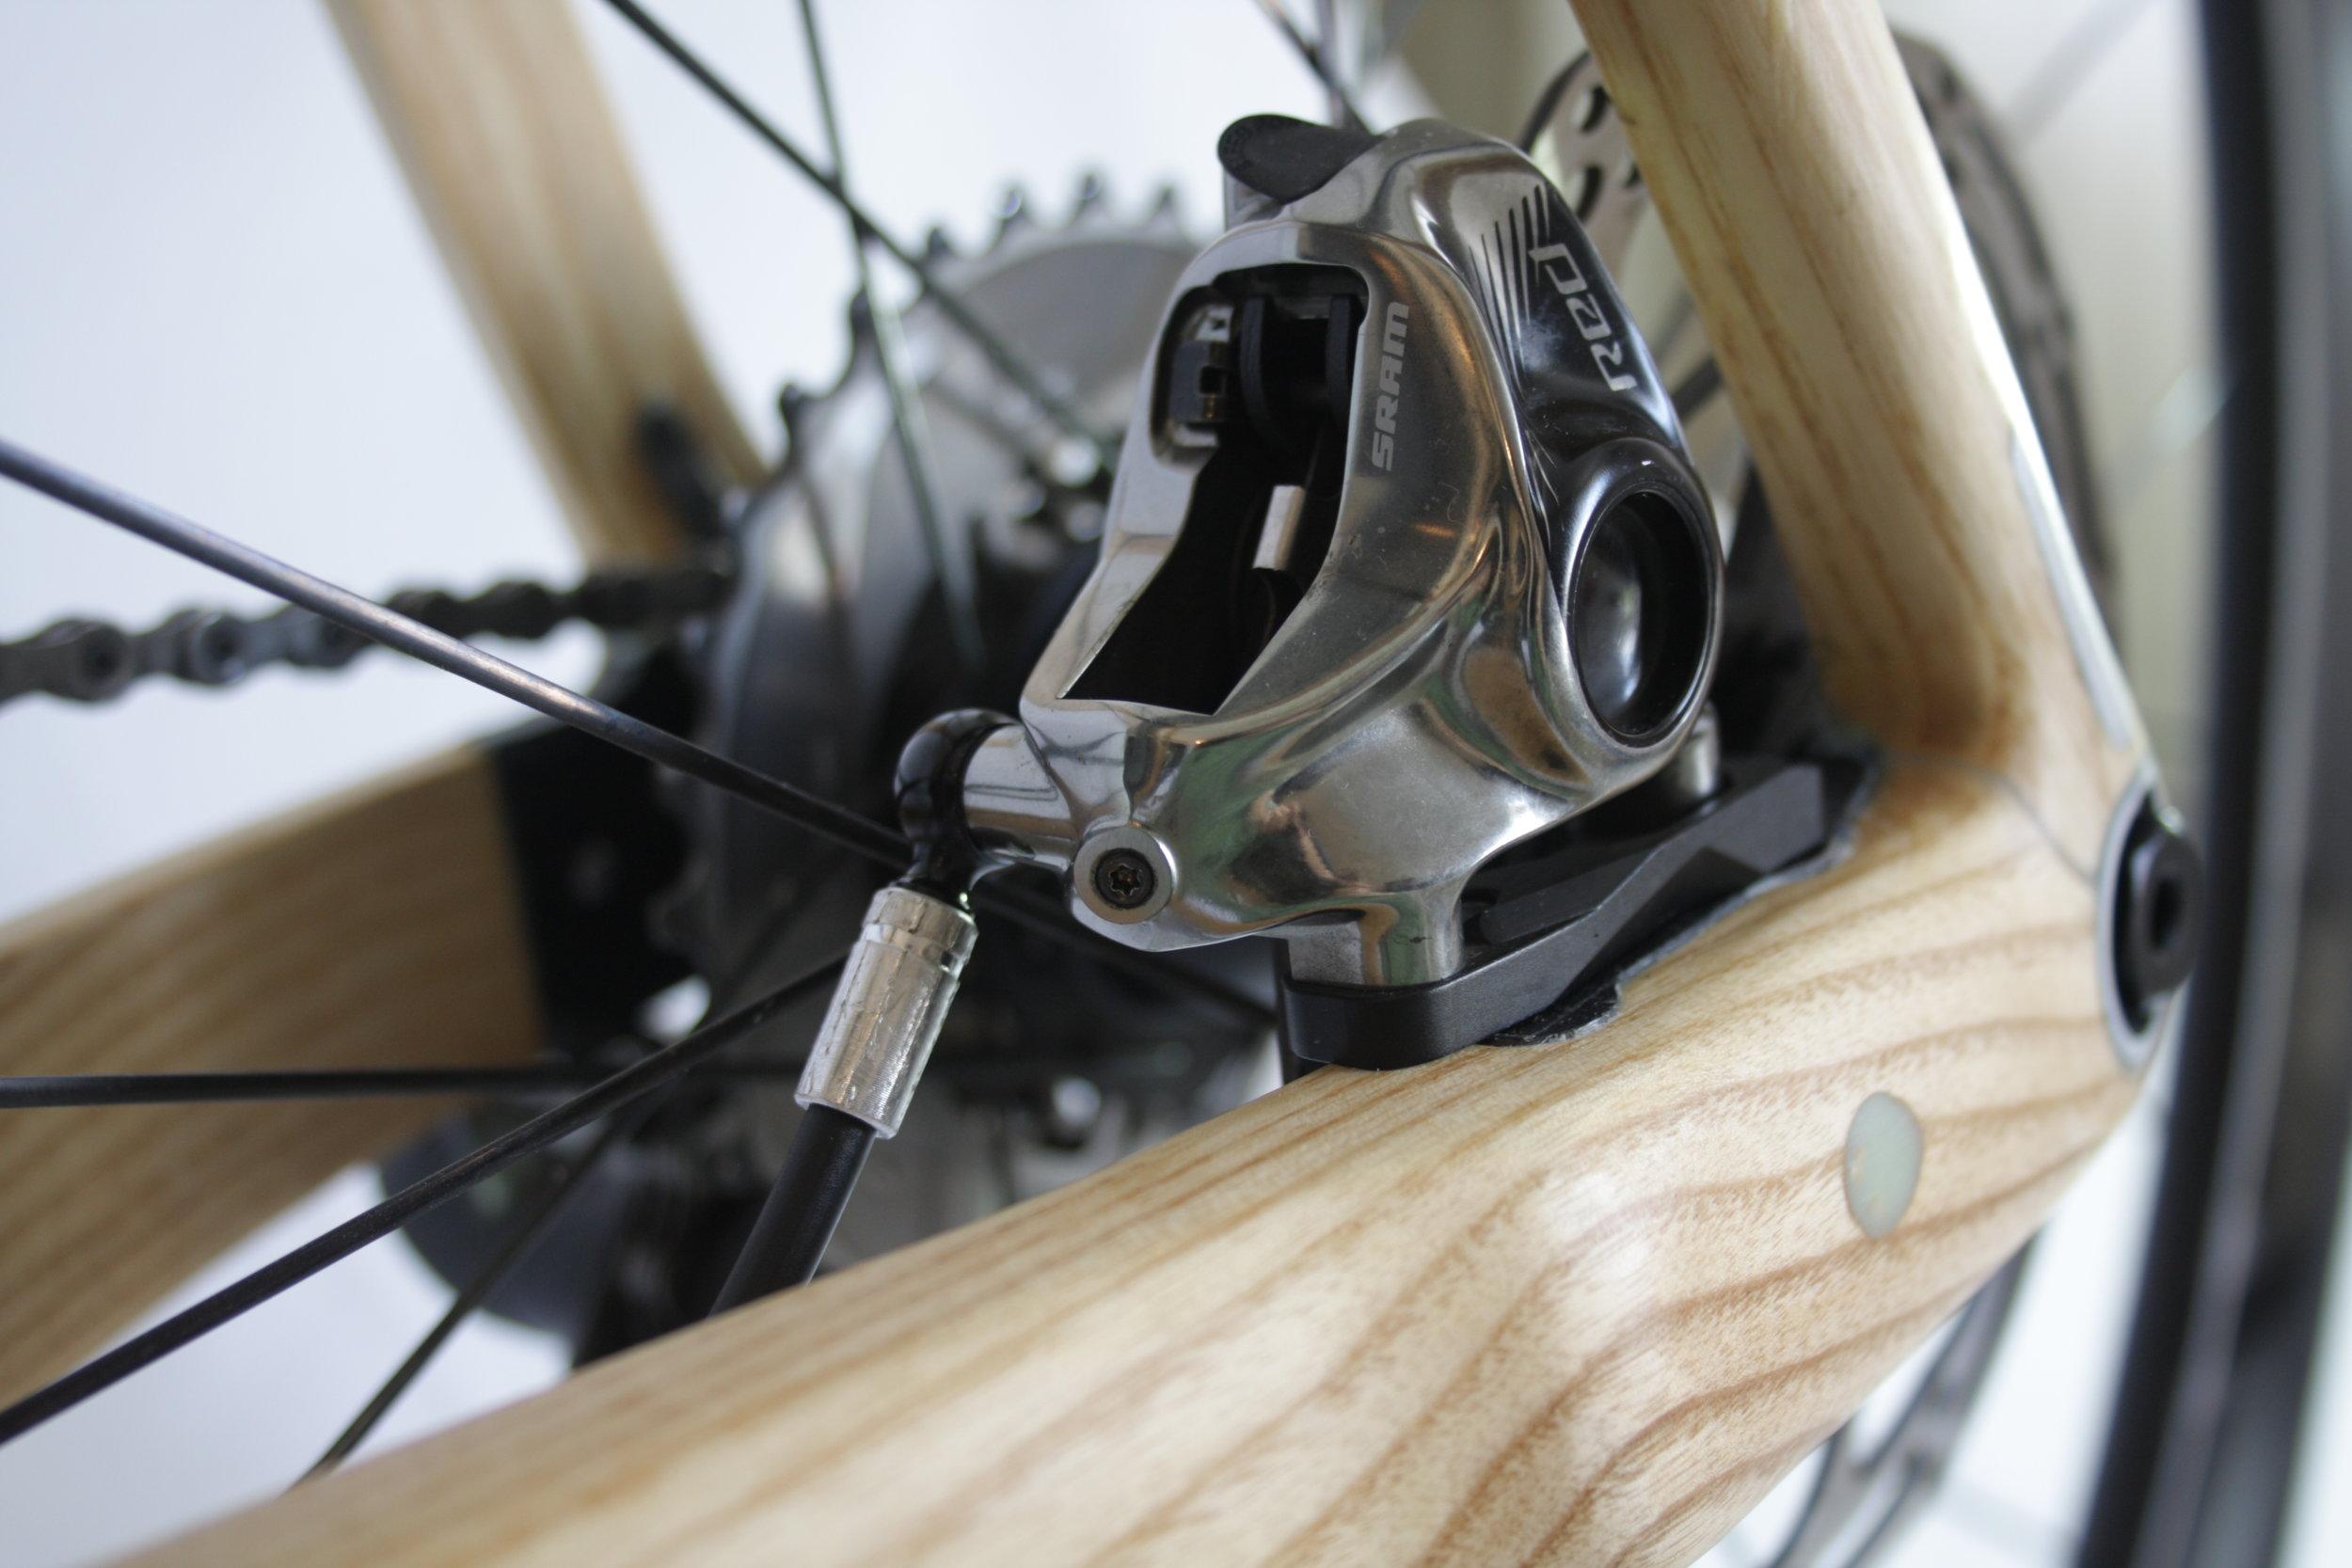 Montauk Hardwood Bikes, Flat Mount Disc Brakes Closeup 1.JPG